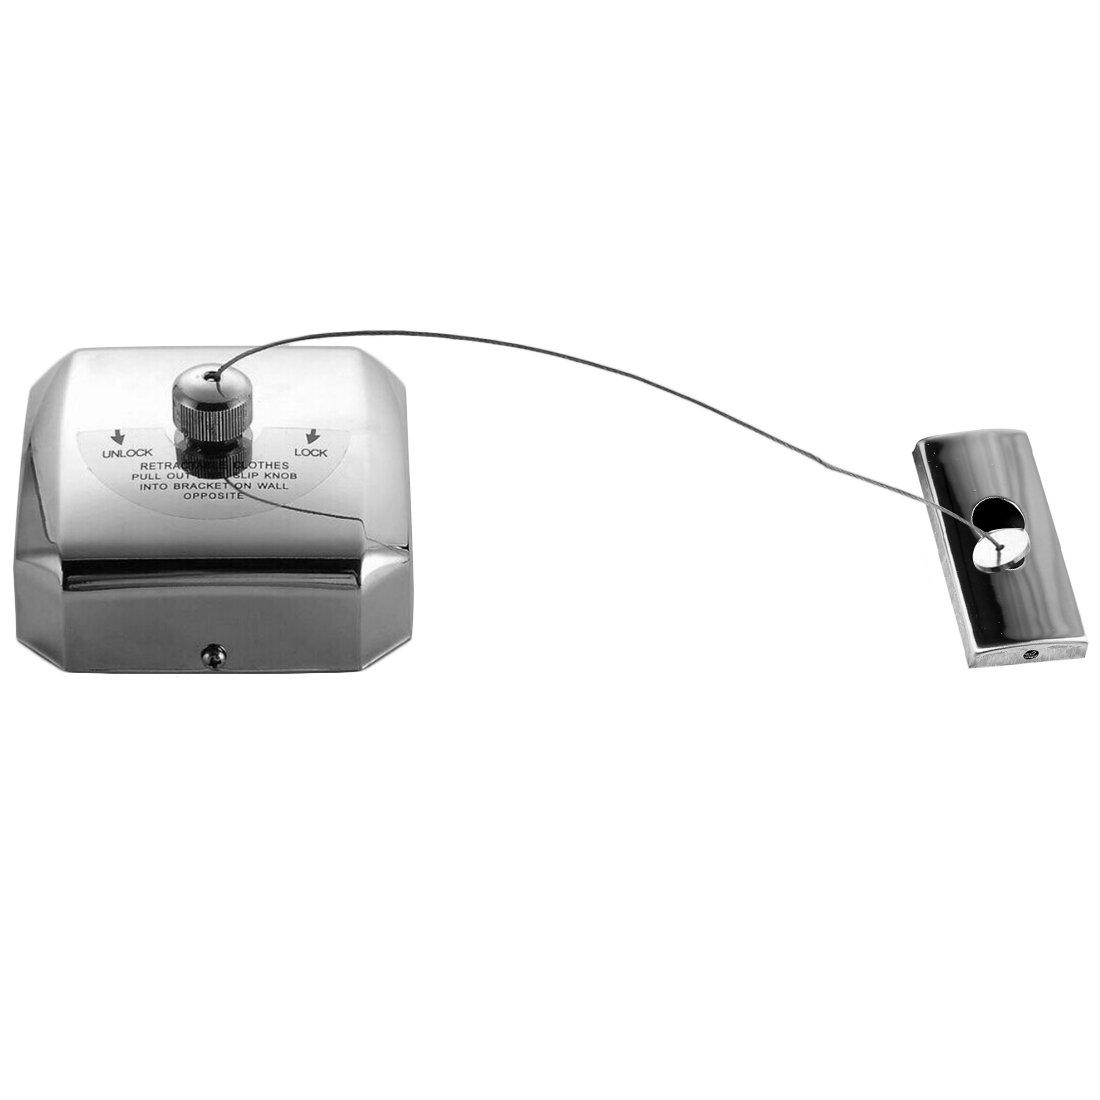 Filo Stendibiancheria, Lommer 4M Acciaio Inossidabile Retrattile Filo Stendibiancheria Acciaio Inox Clothesline per Interni ed Esterni